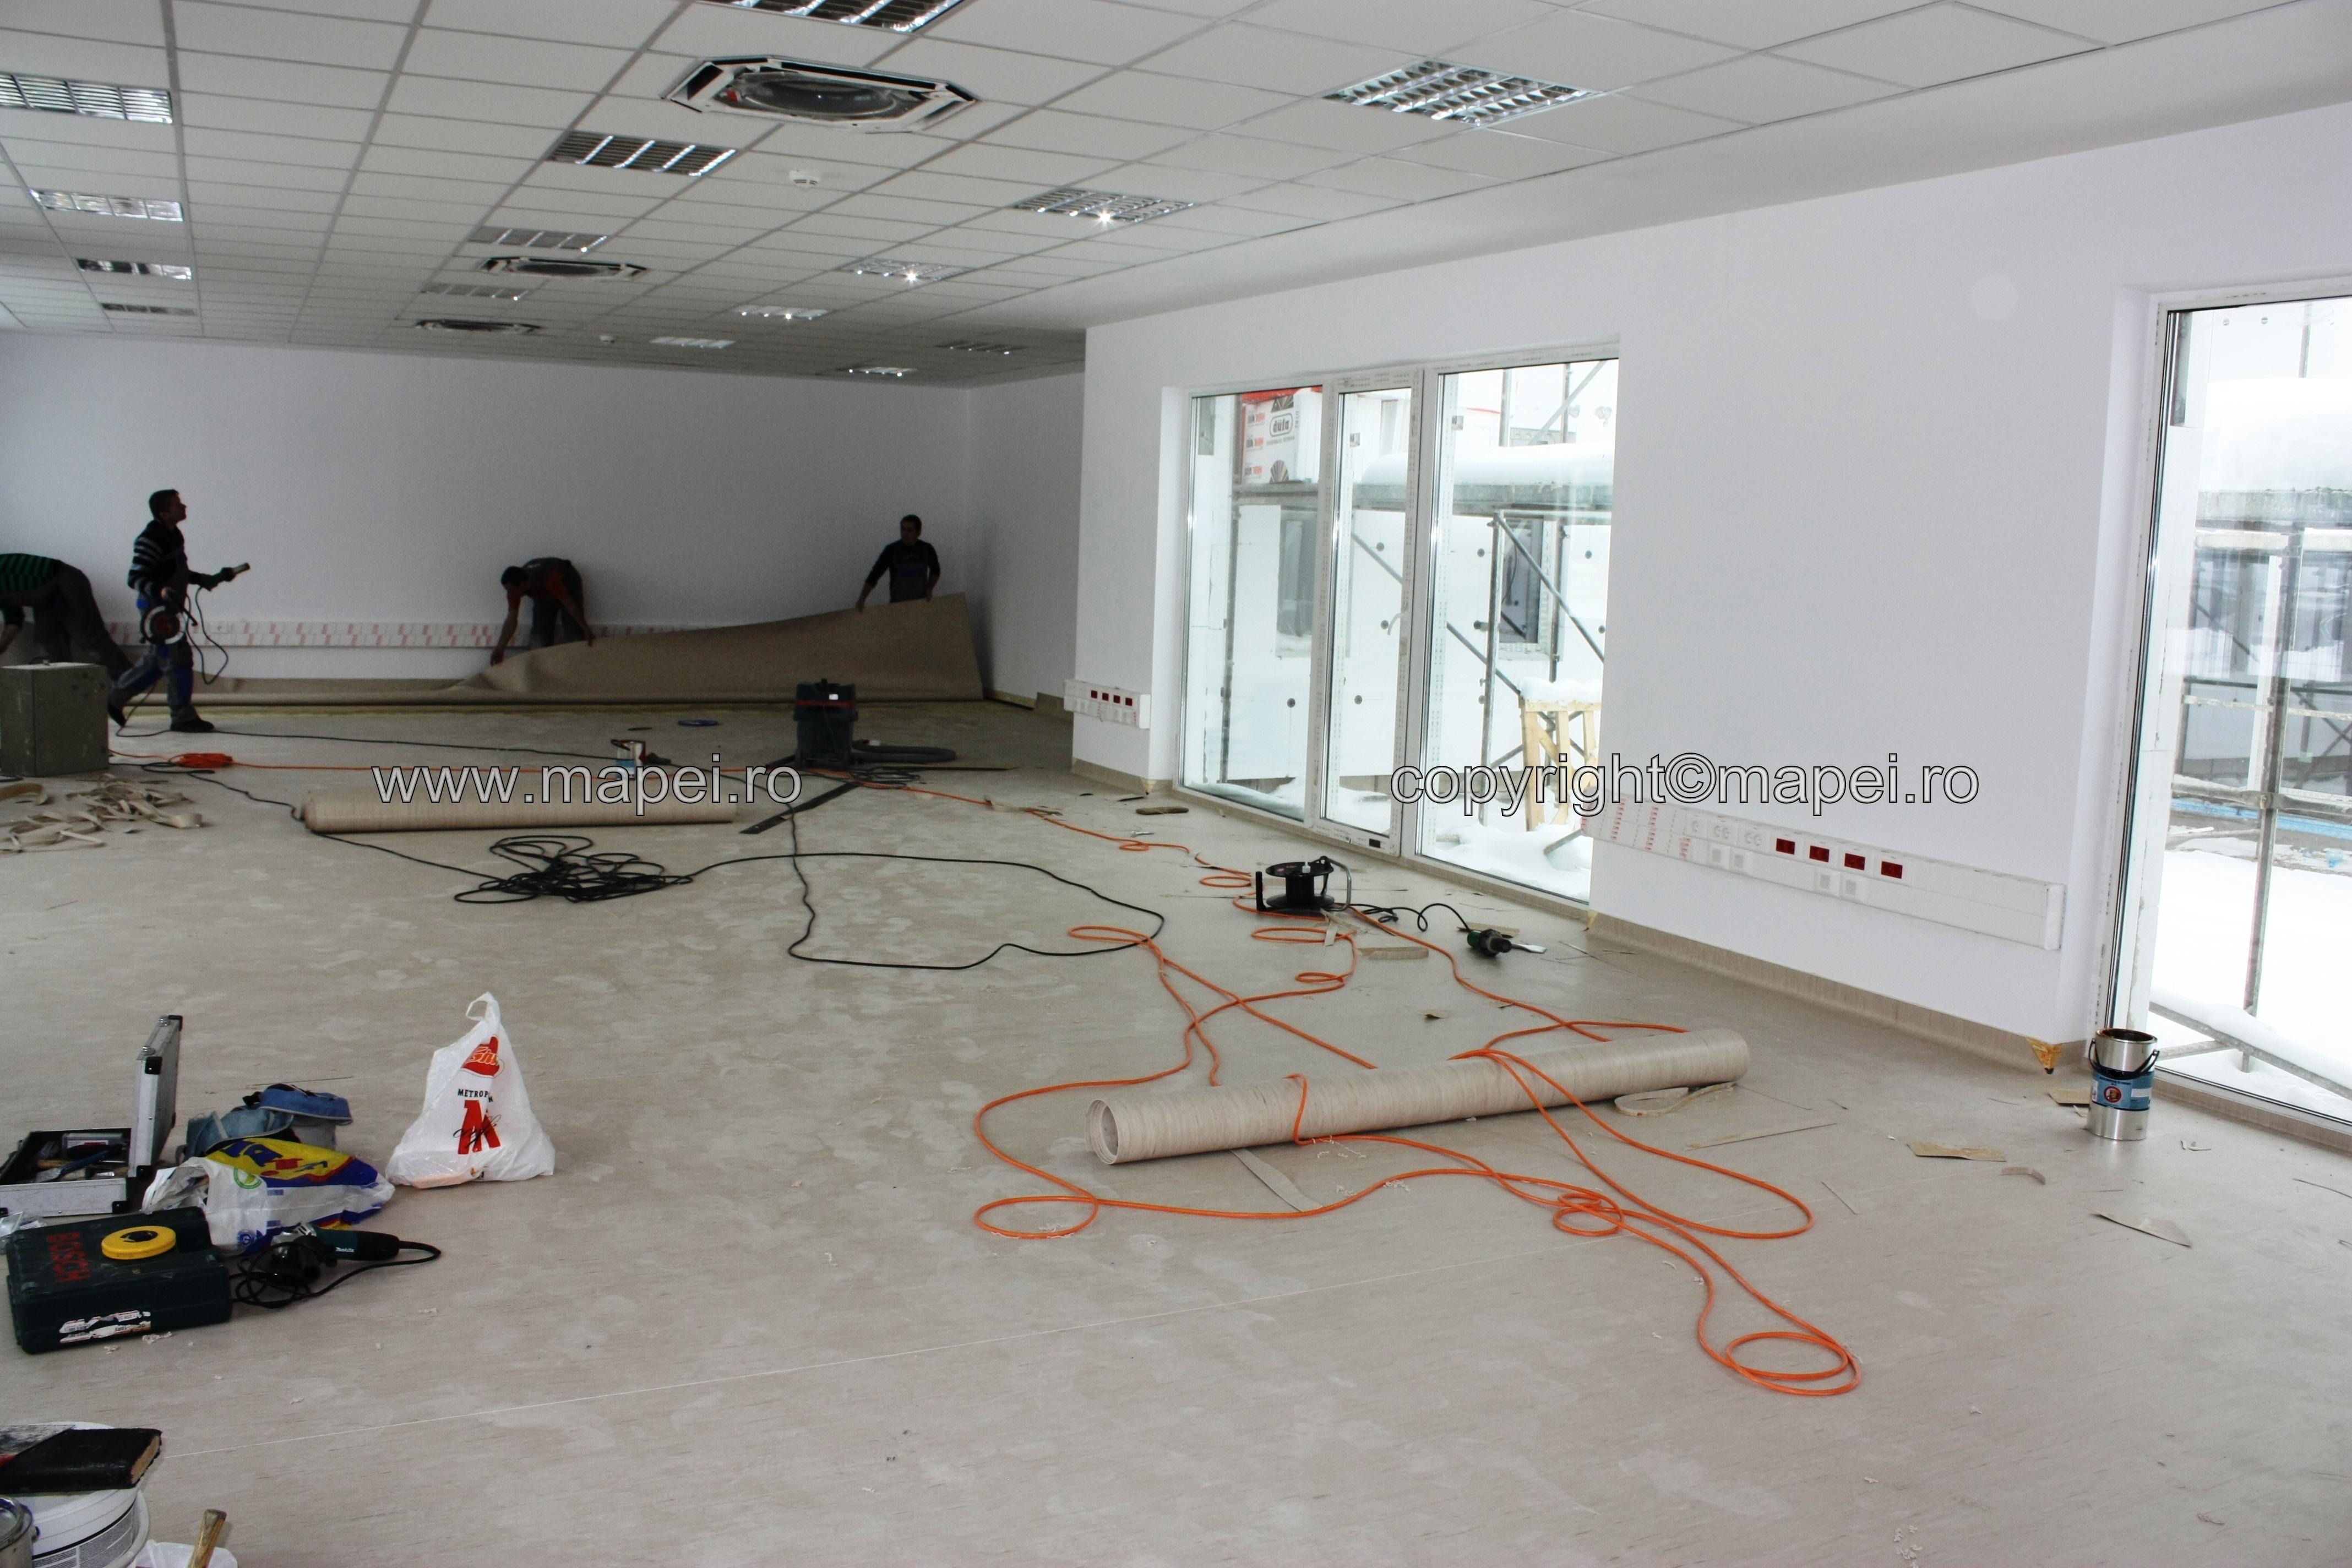 foto 32 - montaj covor PVC sapa autonivelanta - Galerie 12